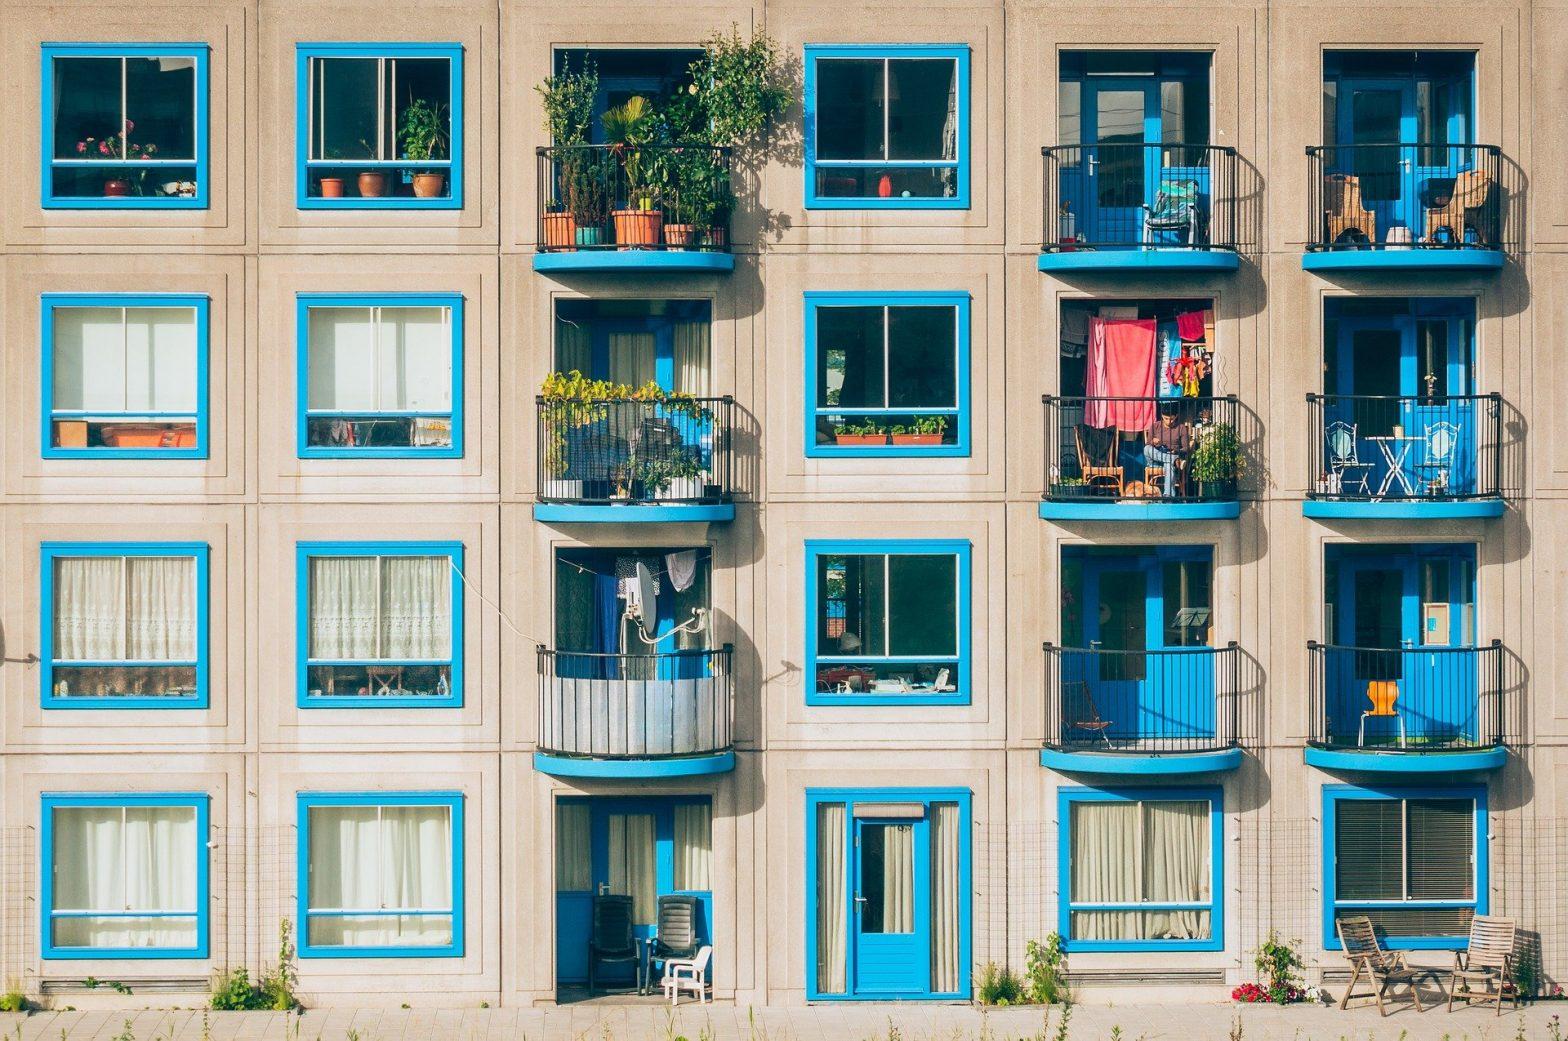 Foto da parte externa de um prédio com vários apartamentos coloridos. Imagem ilustrativa para o texto seguro condomínio.